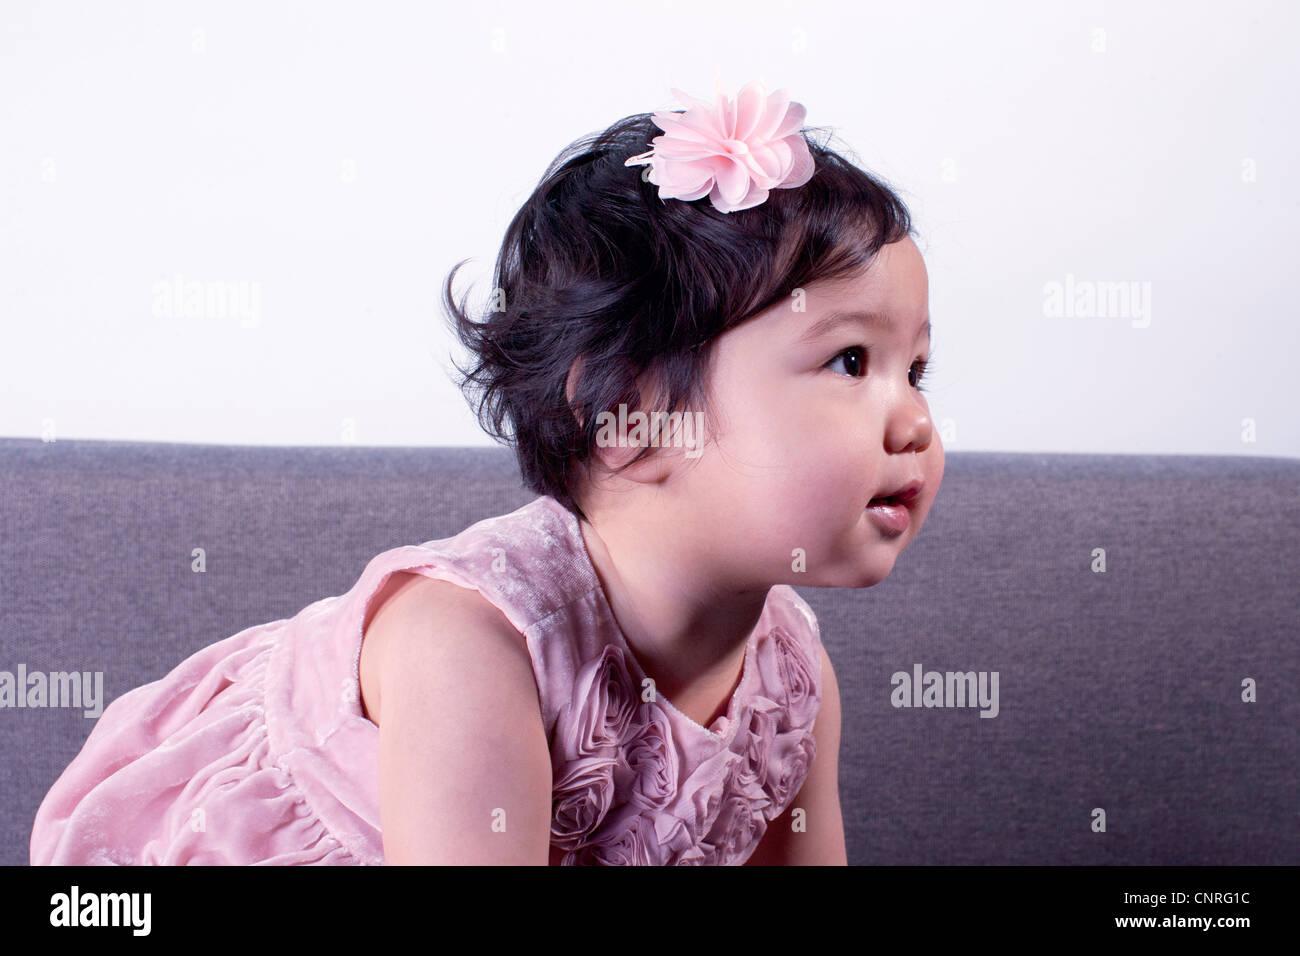 Infant girl looking away - Stock Image